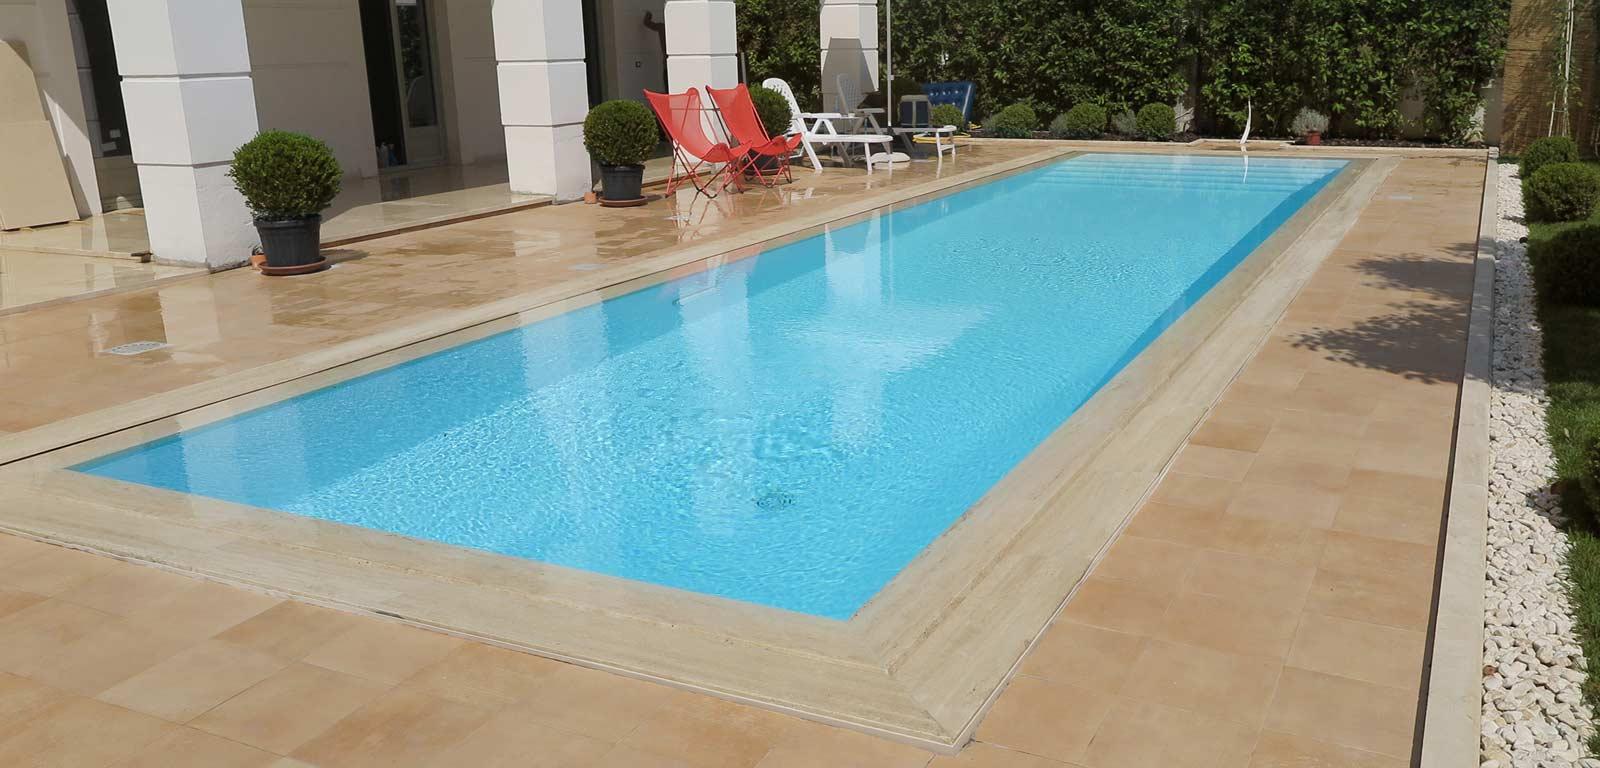 Piscine con rivestimento bianco piscine castiglione - Piscine in muratura prezzi ...